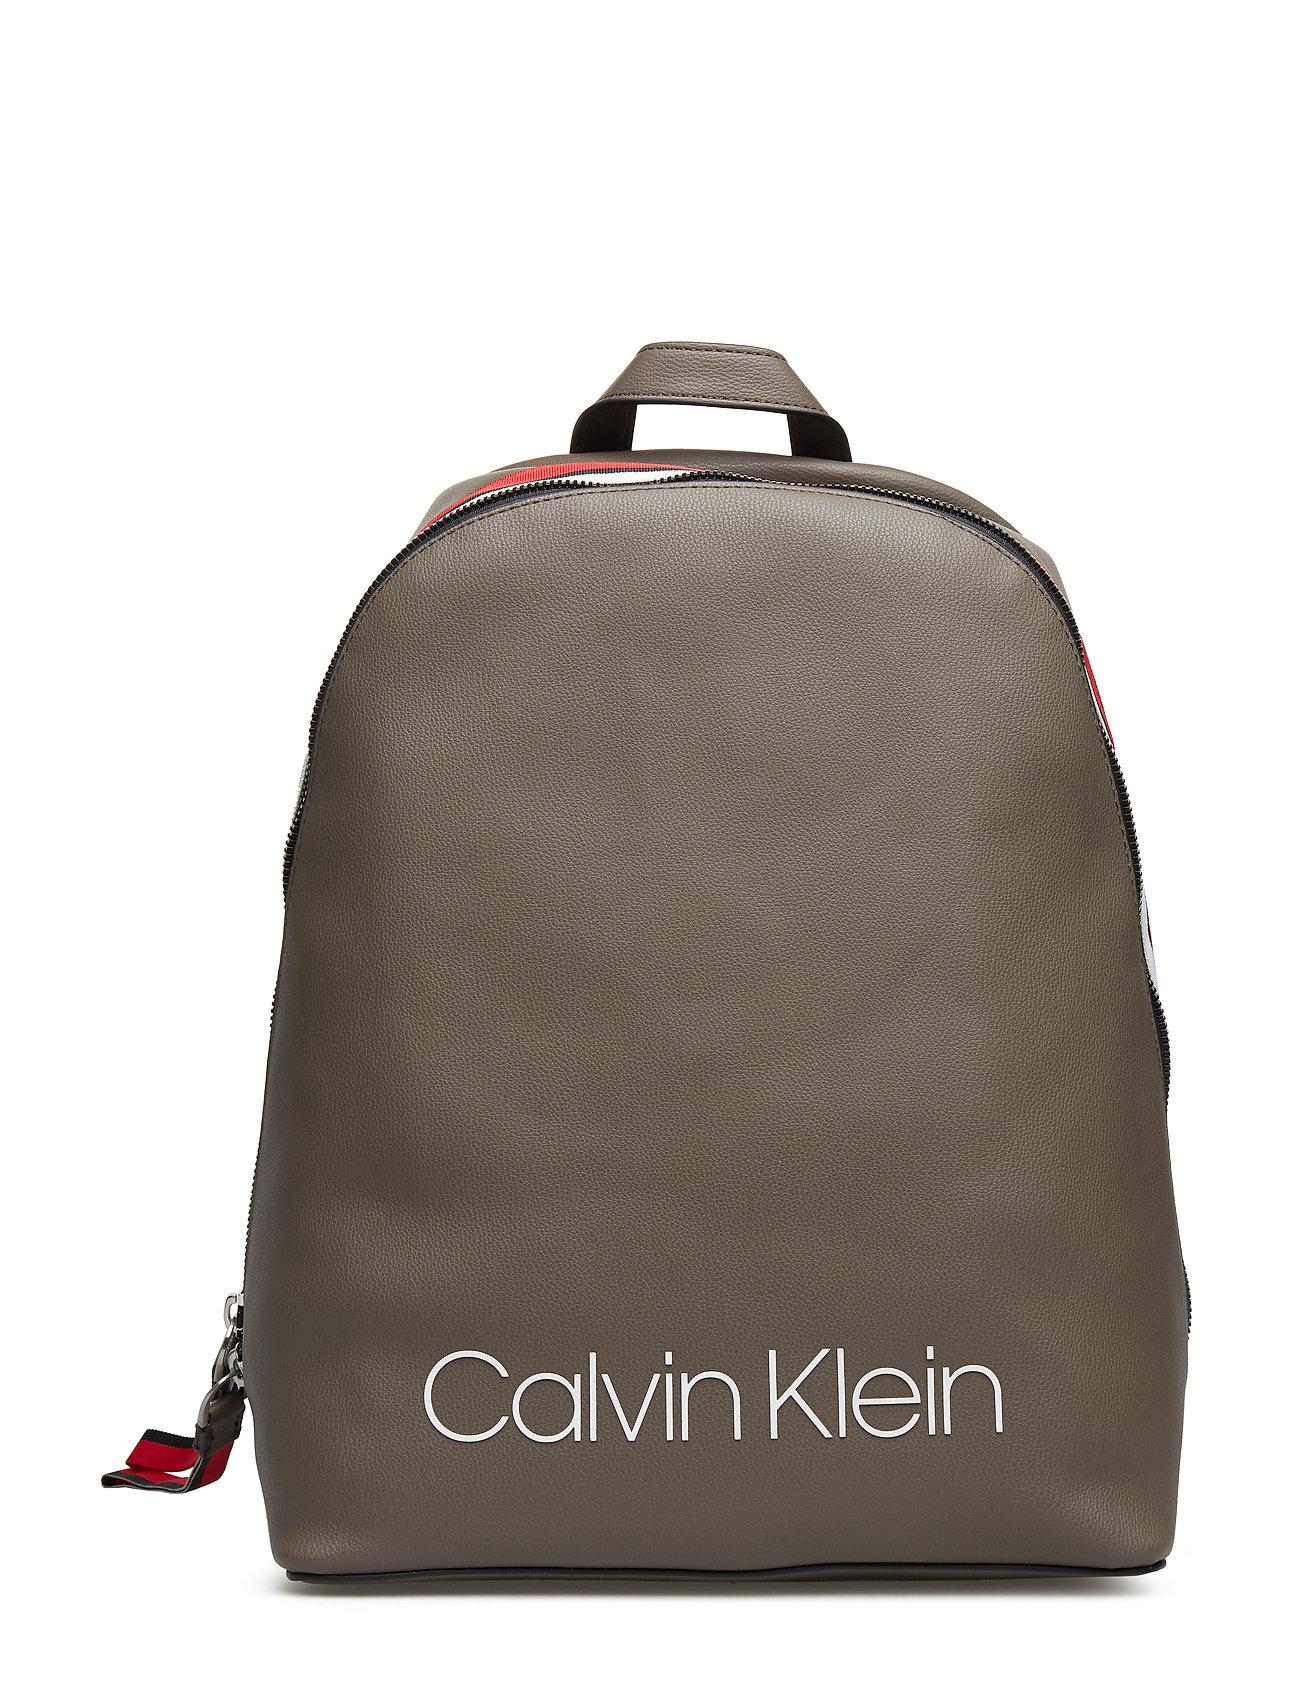 CALVIN KLEIN Collegic Backpack Rucksack Tasche Grau CALVIN KLEIN